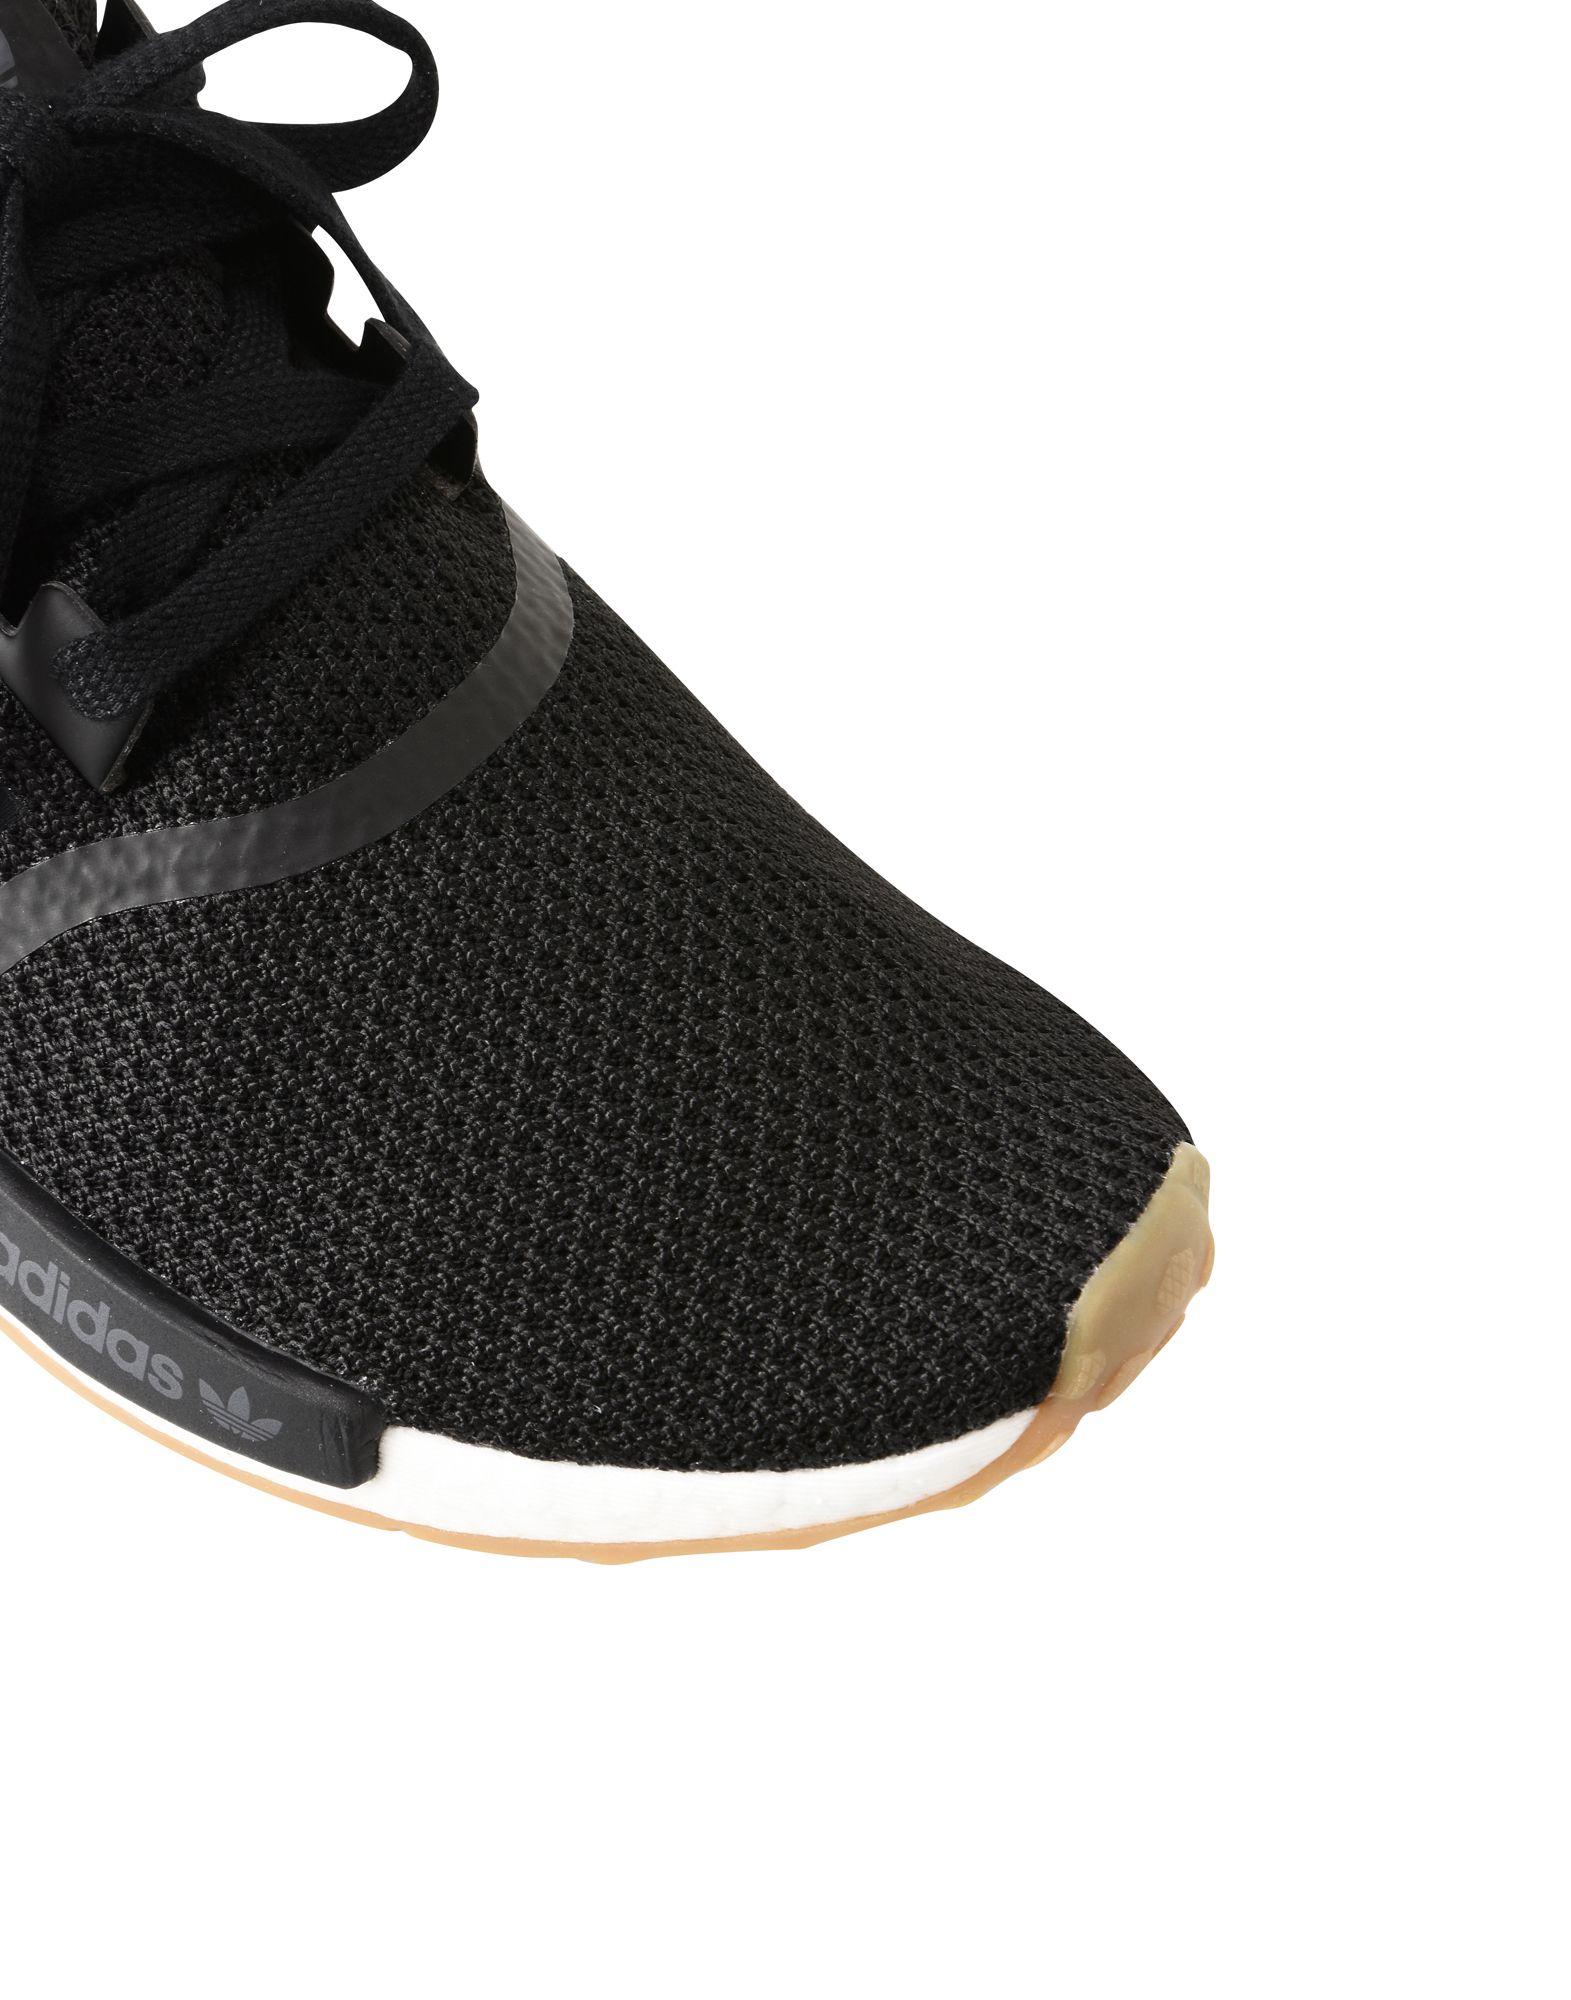 11533602GO Adidas Originals Nmd_R1  11533602GO  Heiße Schuhe 121bb3